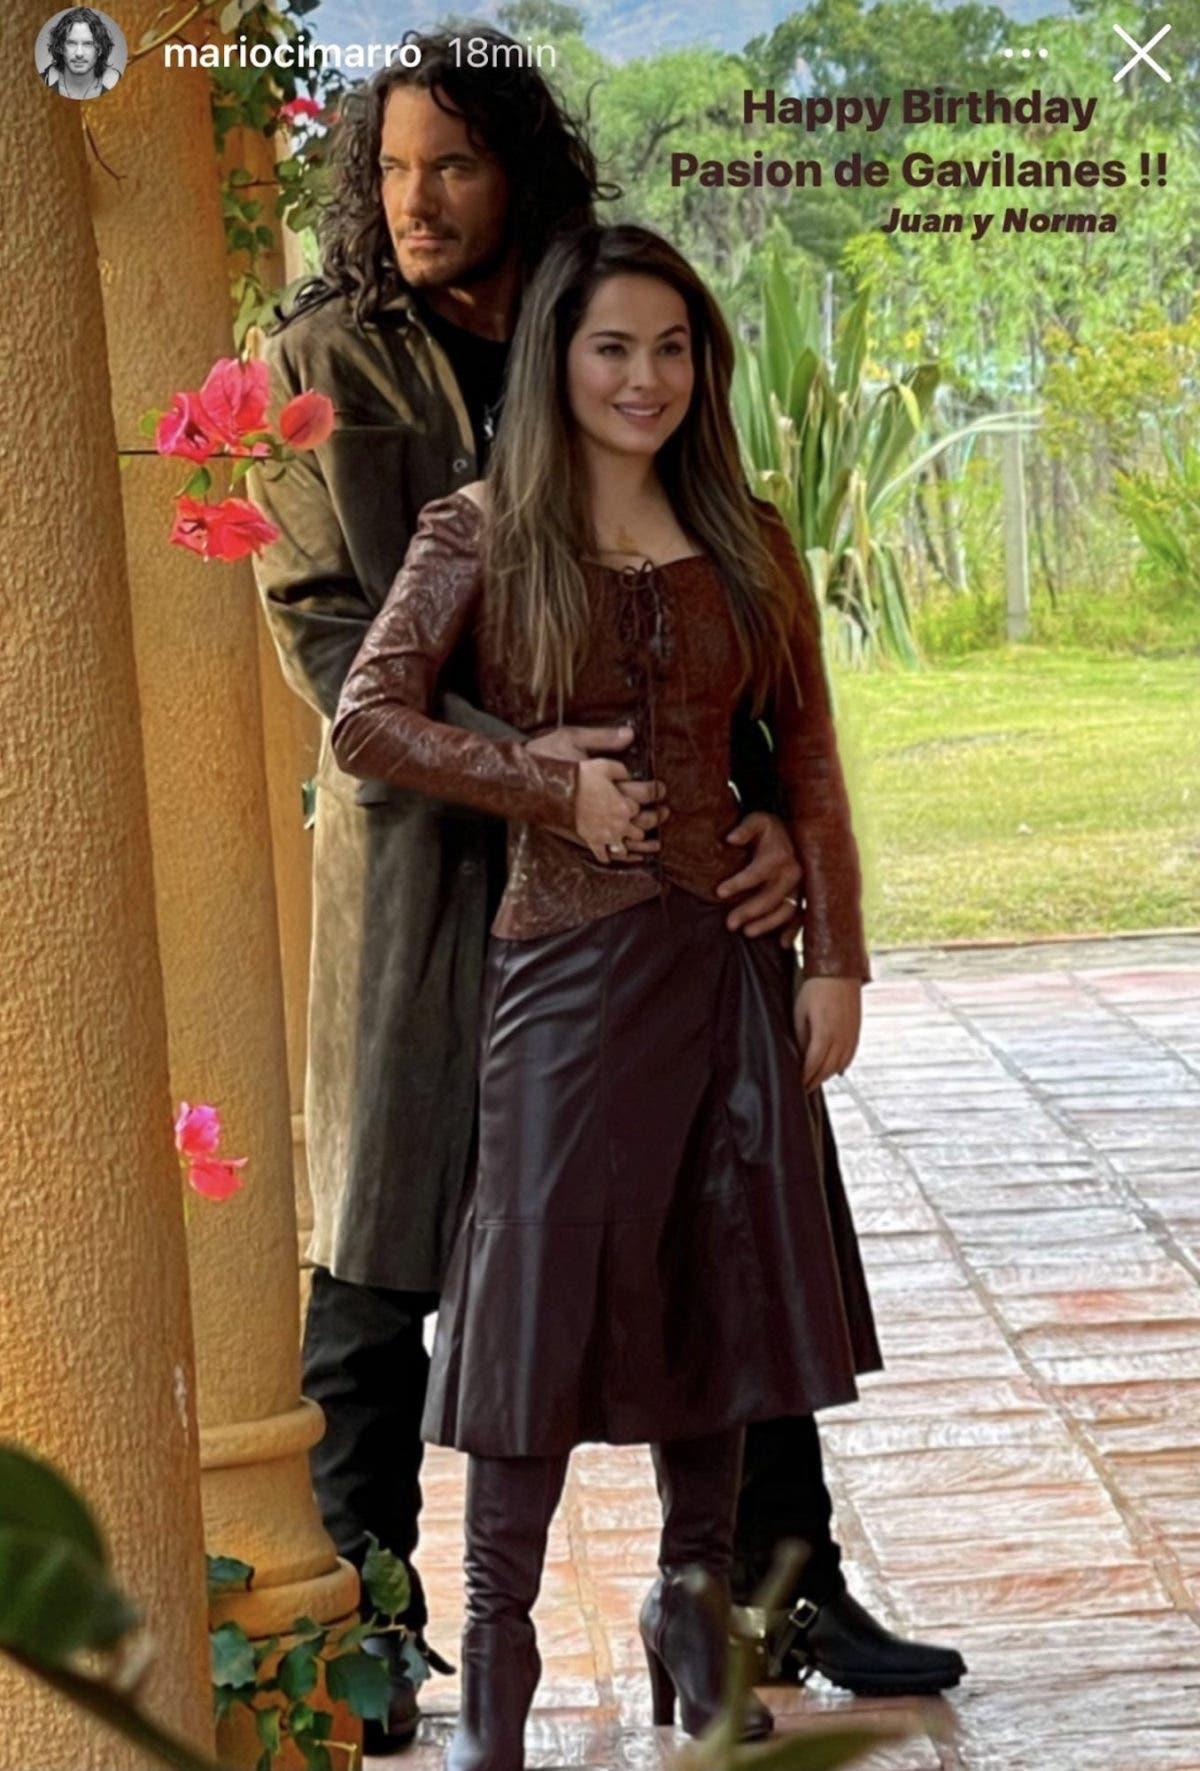 Pasión de Gavilanes 2: Primera imagen de Mario Cimarro y Danna García